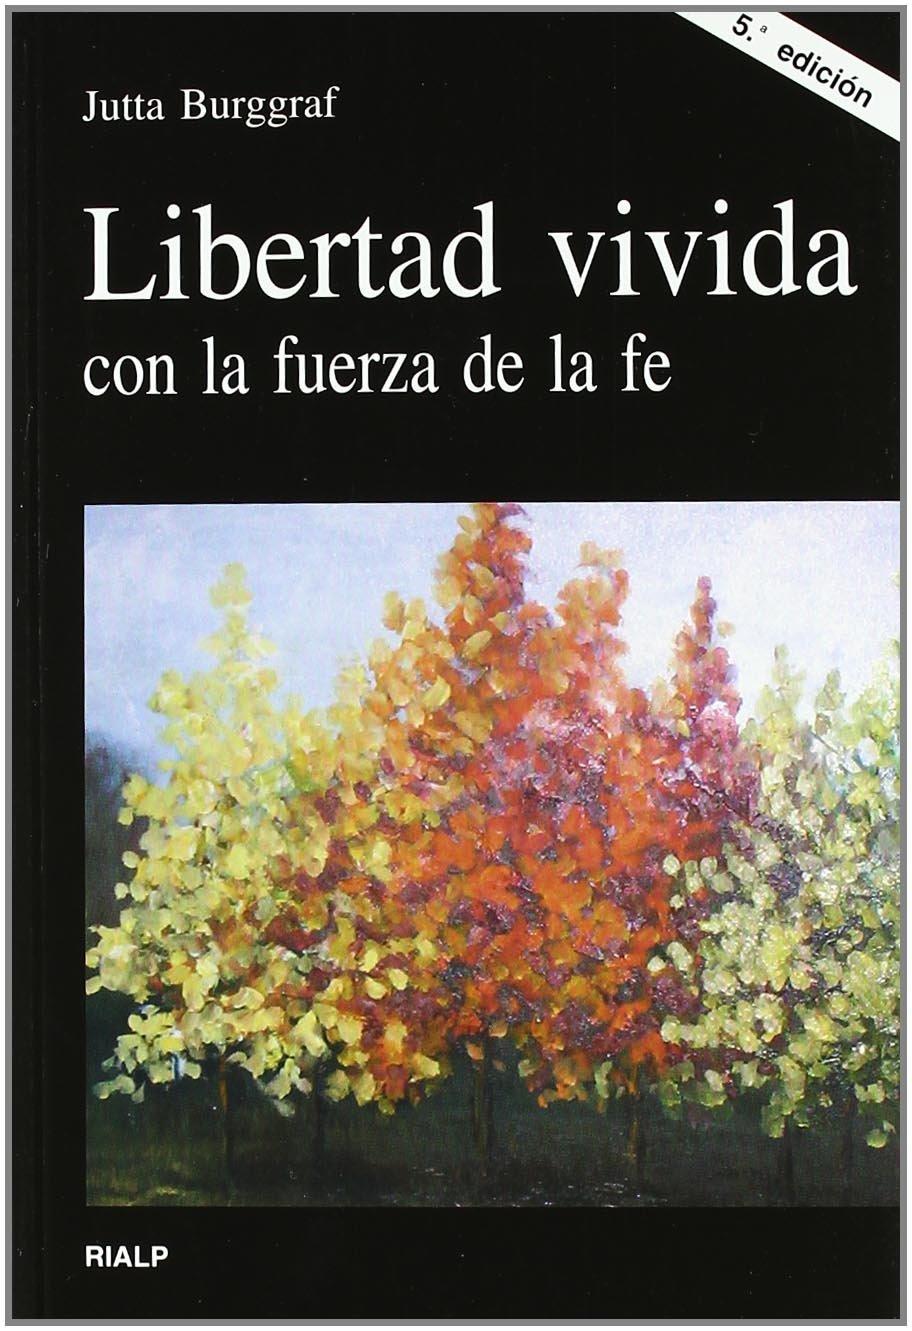 Libertad vivida con la fuerza de la fe (Vértice): Amazon.es: Burggraf, Jutta: Libros